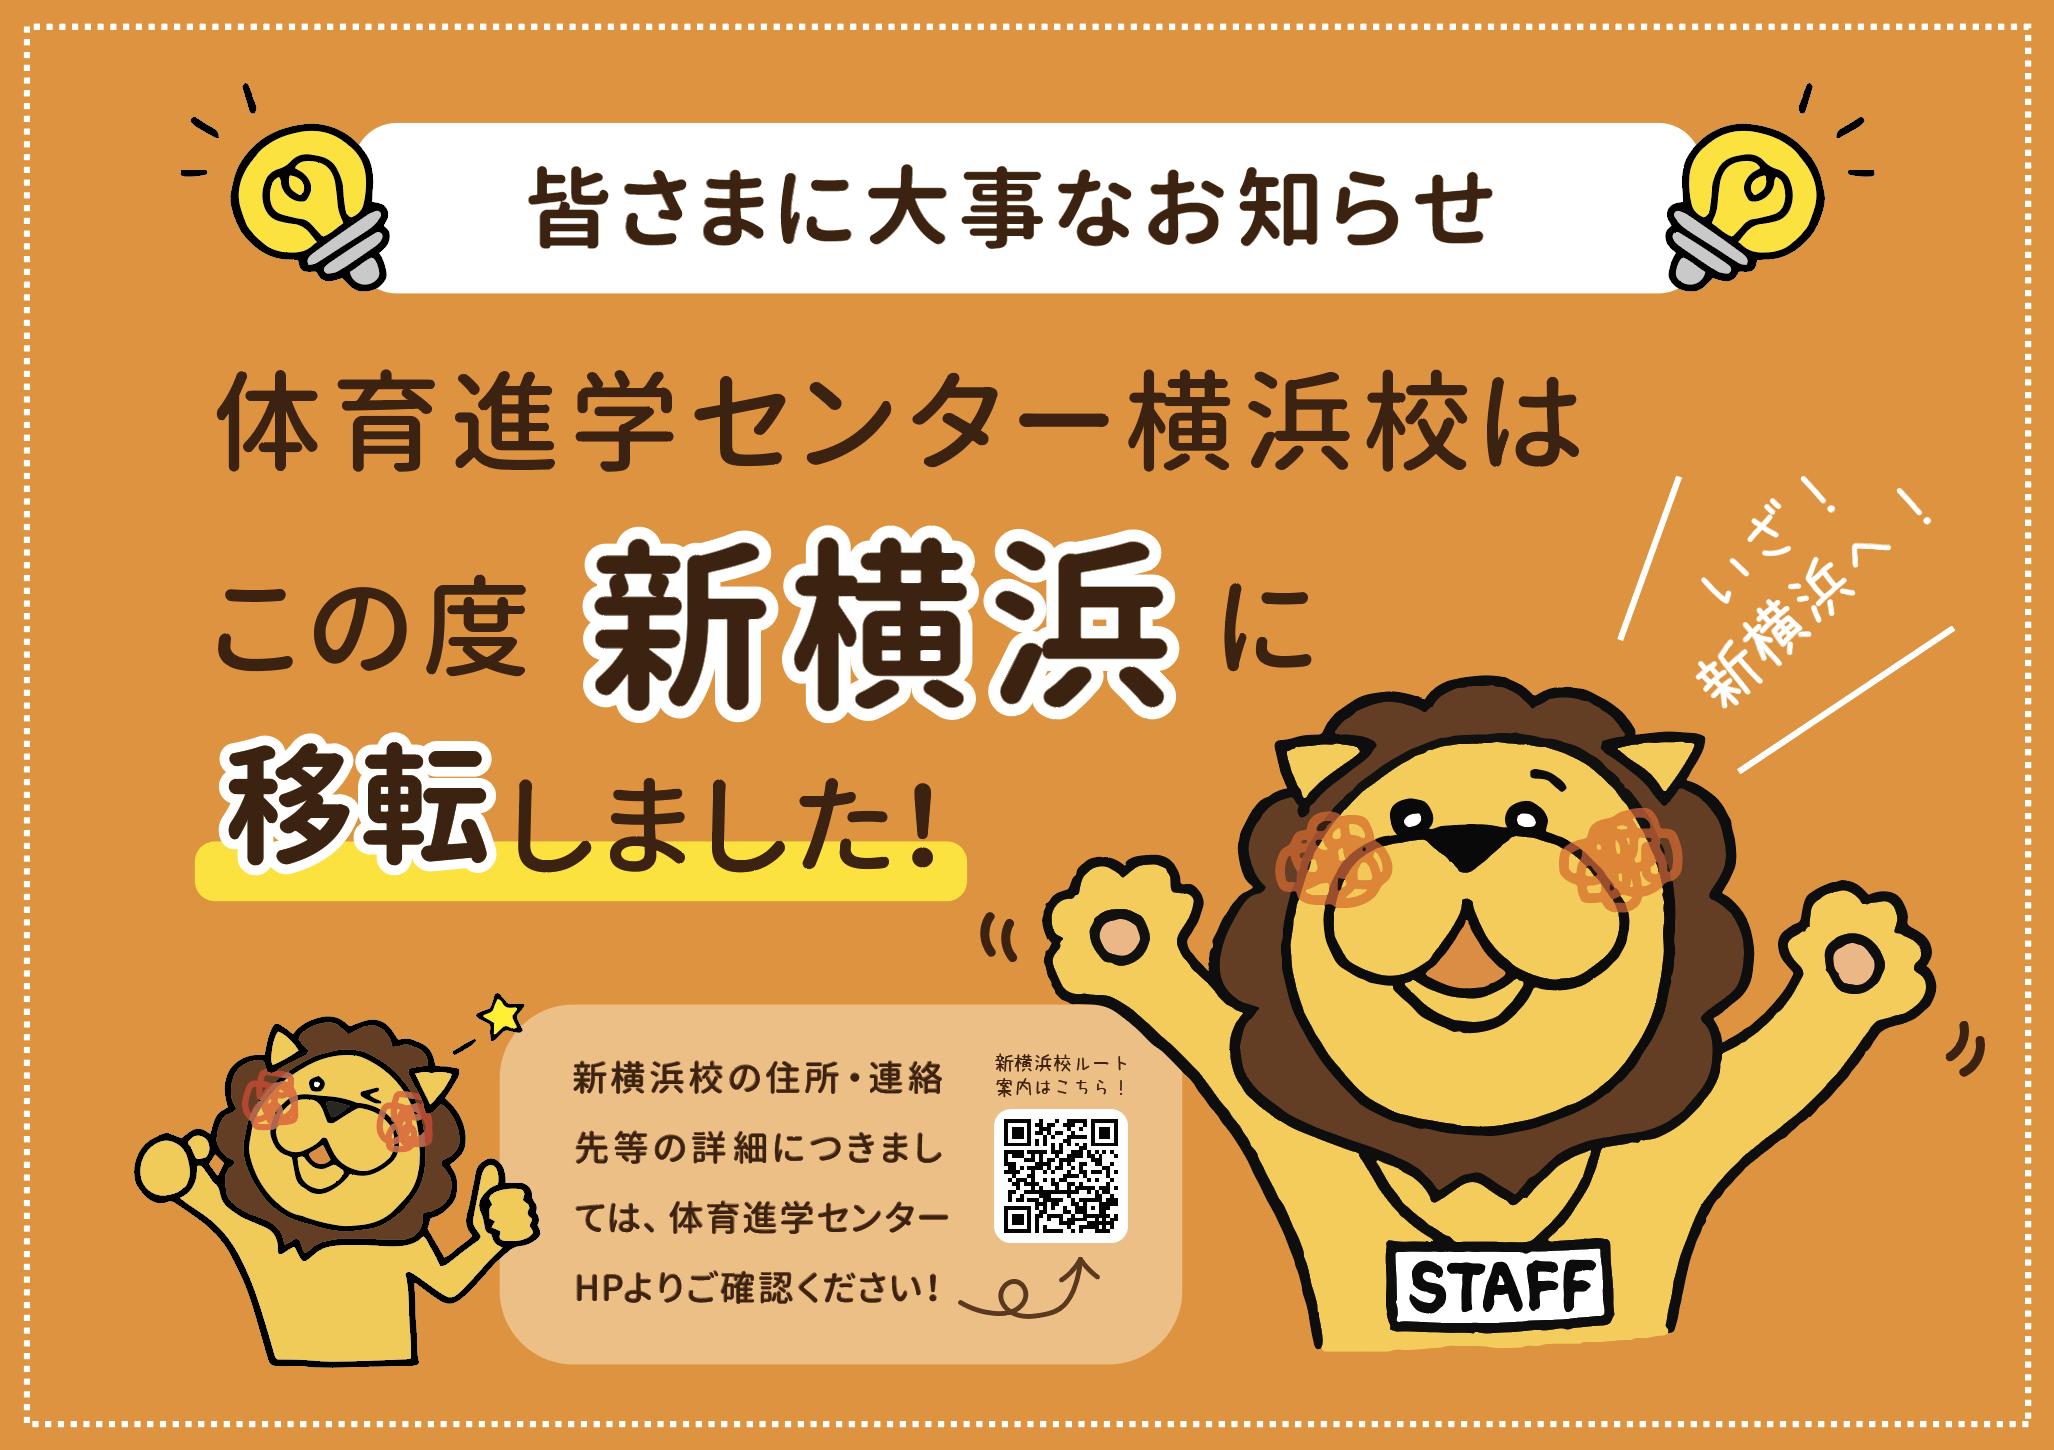 横浜校 移転のお知らせ